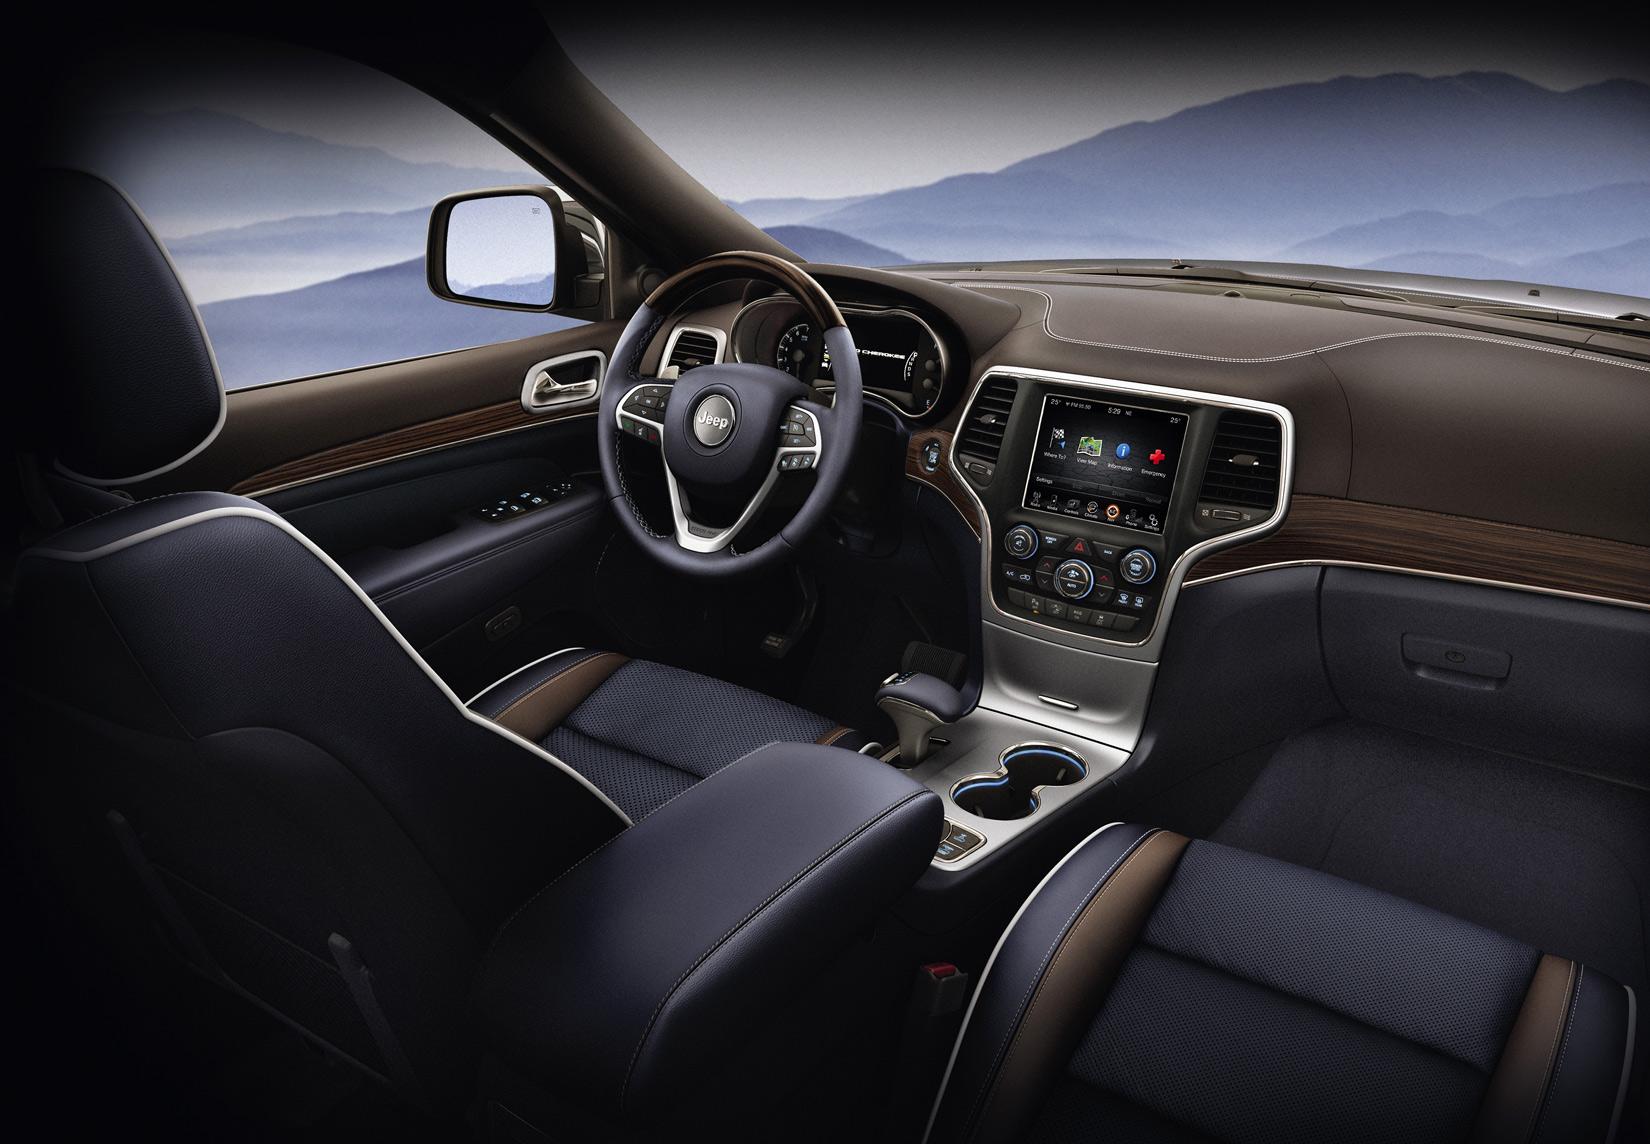 jeep grand cherokee 3 0 v6 crd overland road test. Black Bedroom Furniture Sets. Home Design Ideas